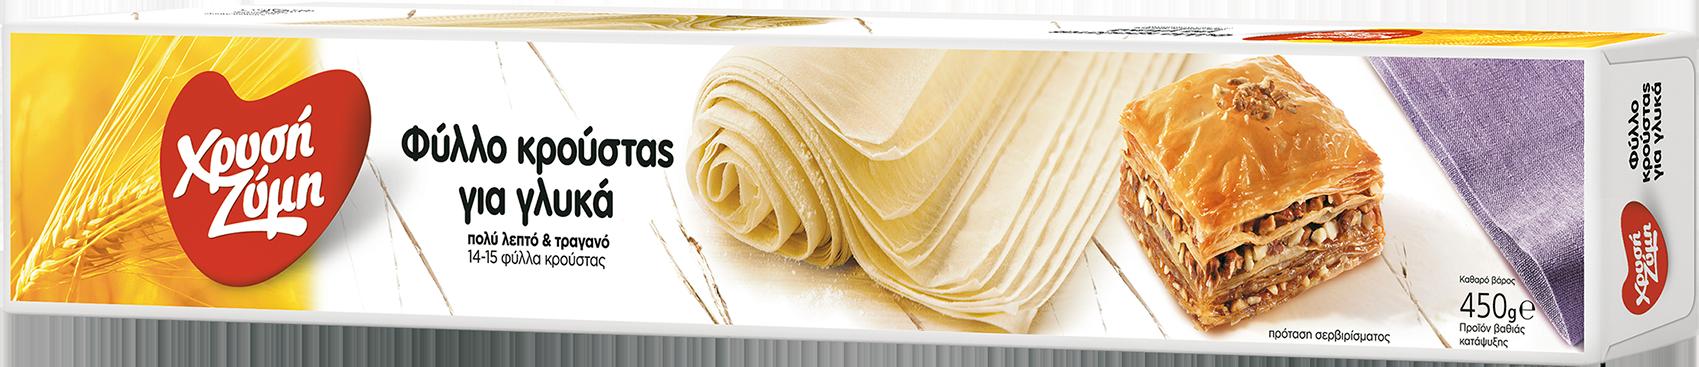 Γαλακτομπουρεκάκια με Σιρόπι Κανέλας με Φύλλο Κρούστας για Γλυκά Χρυσή Ζύμη